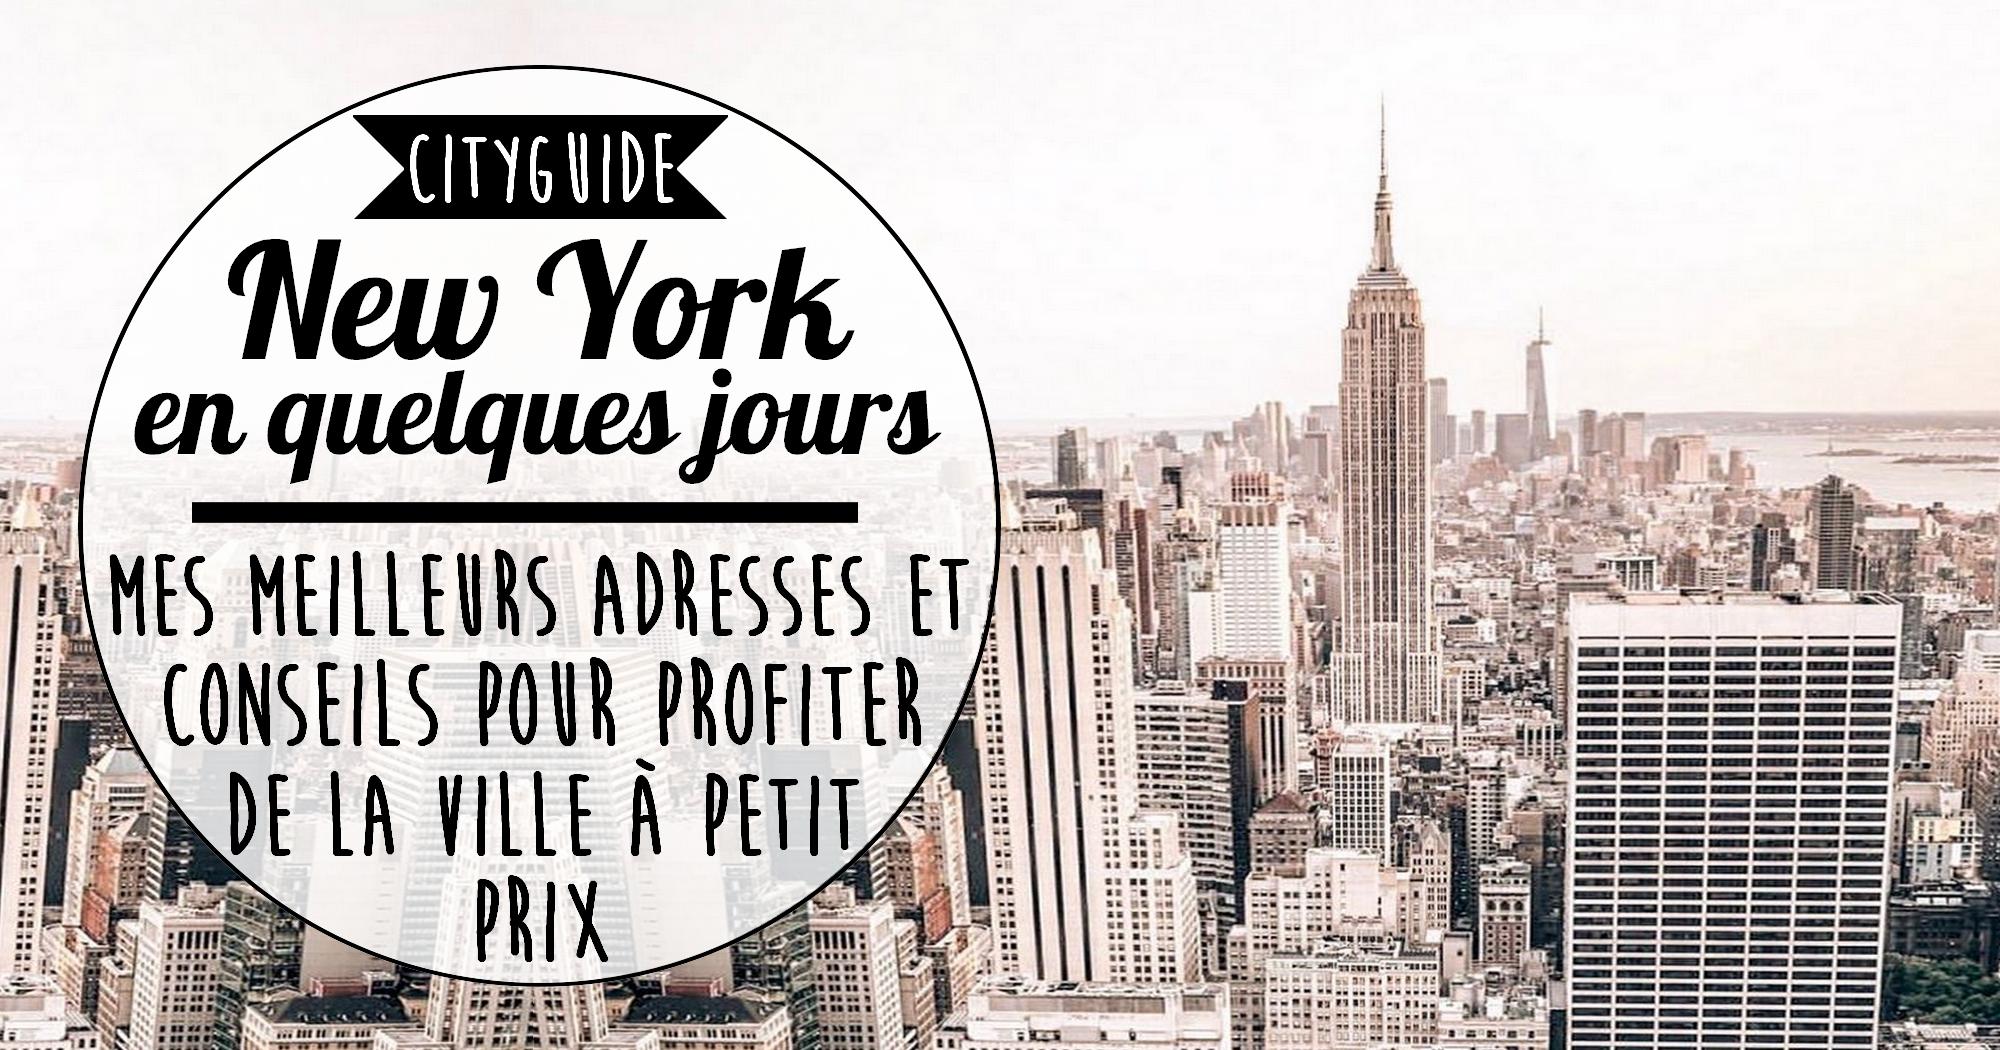 New York : mes meilleurs adresses et conseils pour profiter de la ville (à petit prix)